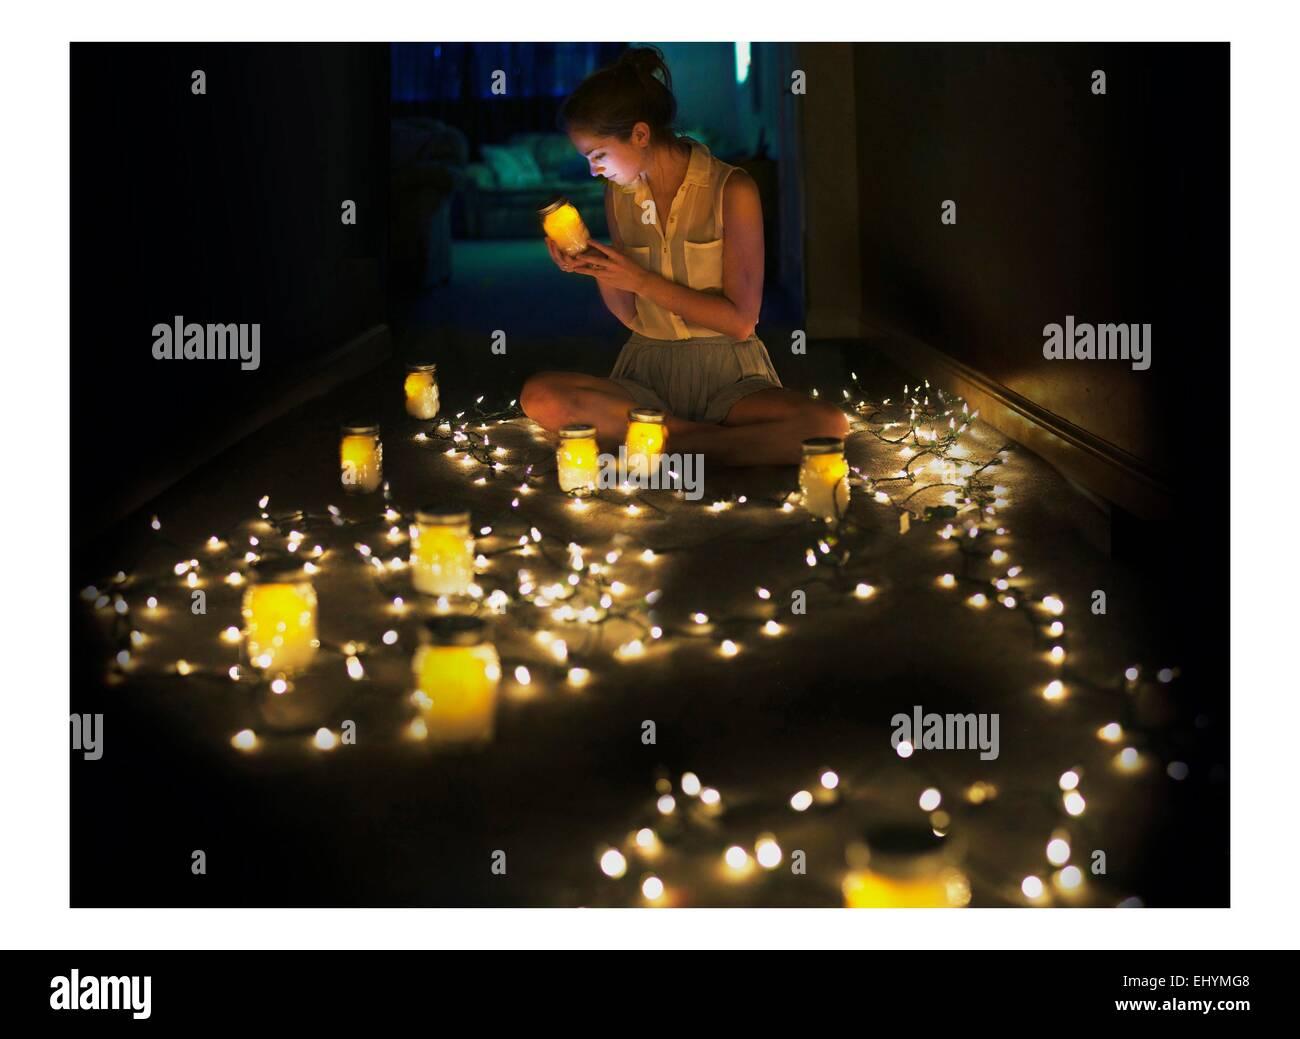 Mujer joven sentada en el suelo rodeada de luces de hadas y luces de té Foto de stock